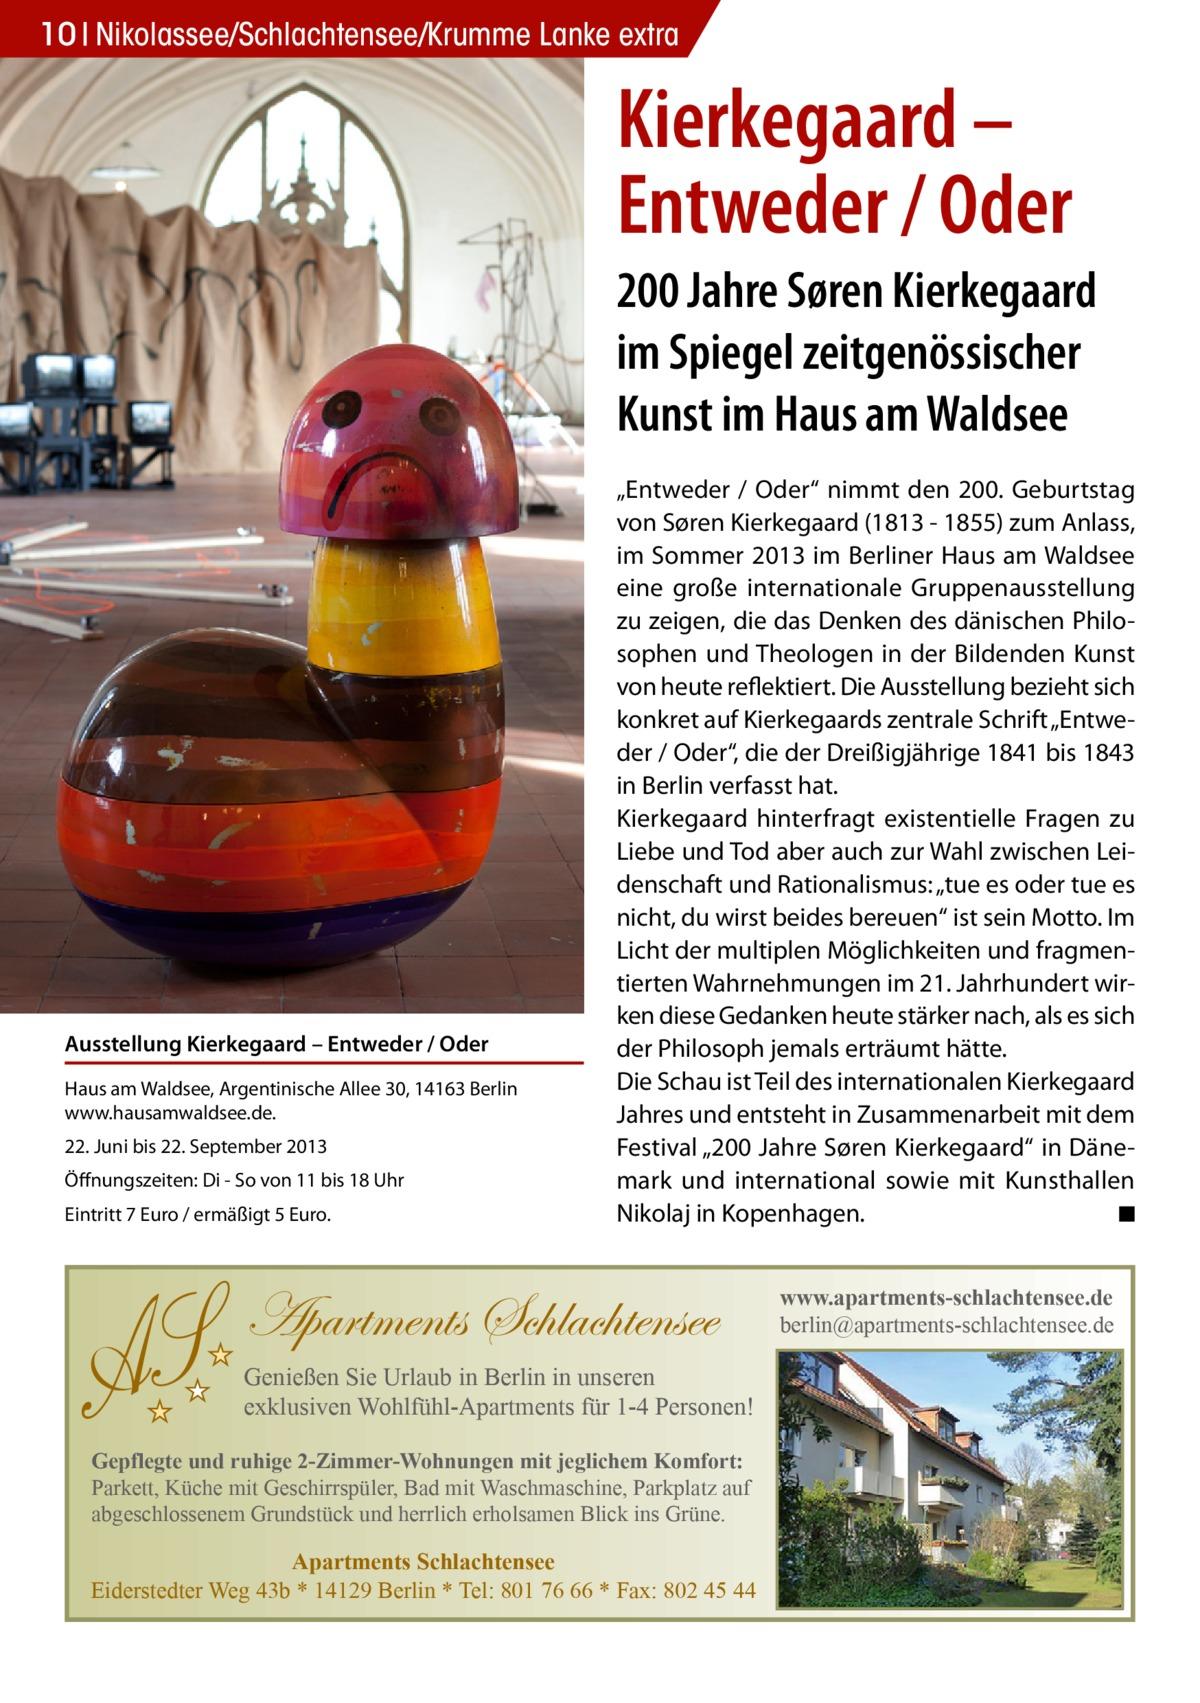 """S  10 Nikolassee/Schlachtensee/Krumme Lanke extra  Kierkegaard – Entweder / Oder 200 Jahre Søren Kierkegaard im Spiegel zeitgenössischer Kunst im Haus am Waldsee  Ausstellung Kierkegaard – Entweder / Oder Haus am Waldsee, Argentinische Allee 30, 14163 Berlin www.hausamwaldsee.de. 22. Juni bis 22. September 2013 Öffnungszeiten: Di - So von 11 bis 18 Uhr Eintritt 7 Euro / ermäßigt 5 Euro.  """"Entweder / Oder"""" nimmt den 200. Geburtstag von Søren Kierkegaard (1813 - 1855) zum Anlass, im Sommer 2013 im Berliner Haus am Waldsee eine große internationale Gruppenausstellung zu zeigen, die das Denken des dänischen Philosophen und Theologen in der Bildenden Kunst von heute reflektiert. Die Ausstellung bezieht sich konkret auf Kierkegaards zentrale Schrift """"Entweder / Oder"""", die der Dreißigjährige 1841 bis 1843 in Berlin verfasst hat. Kierkegaard hinterfragt existentielle Fragen zu Liebe und Tod aber auch zur Wahl zwischen Leidenschaft und Rationalismus: """"tue es oder tue es nicht, du wirst beides bereuen"""" ist sein Motto. Im Licht der multiplen Möglichkeiten und fragmentierten Wahrnehmungen im 21. Jahrhundert wirken diese Gedanken heute stärker nach, als es sich der Philosoph jemals erträumt hätte. Die Schau ist Teil des internationalen Kierkegaard Jahres und entsteht in Zusammenarbeit mit dem Festival """"200 Jahre Søren Kierkegaard"""" in Dänemark und international sowie mit Kunsthallen Nikolaj in Kopenhagen. � ◾  Apartments Schlachtensee Genießen Sie Urlaub in Berlin in unseren exklusiven Wohlfühl-Apartments für 1-4 Personen! Gepflegte und ruhige 2-Zimmer-Wohnungen mit jeglichem Komfort: Parkett, Küche mit Geschirrspüler, Bad mit Waschmaschine, Parkplatz auf abgeschlossenem Grundstück und herrlich erholsamen Blick ins Grüne.  Apartments Schlachtensee Eiderstedter Weg 43b * 14129 Berlin * Tel: 801 76 66 * Fax: 802 45 44  www.apartments-schlachtensee.de berlin@apartments-schlachtensee.de"""